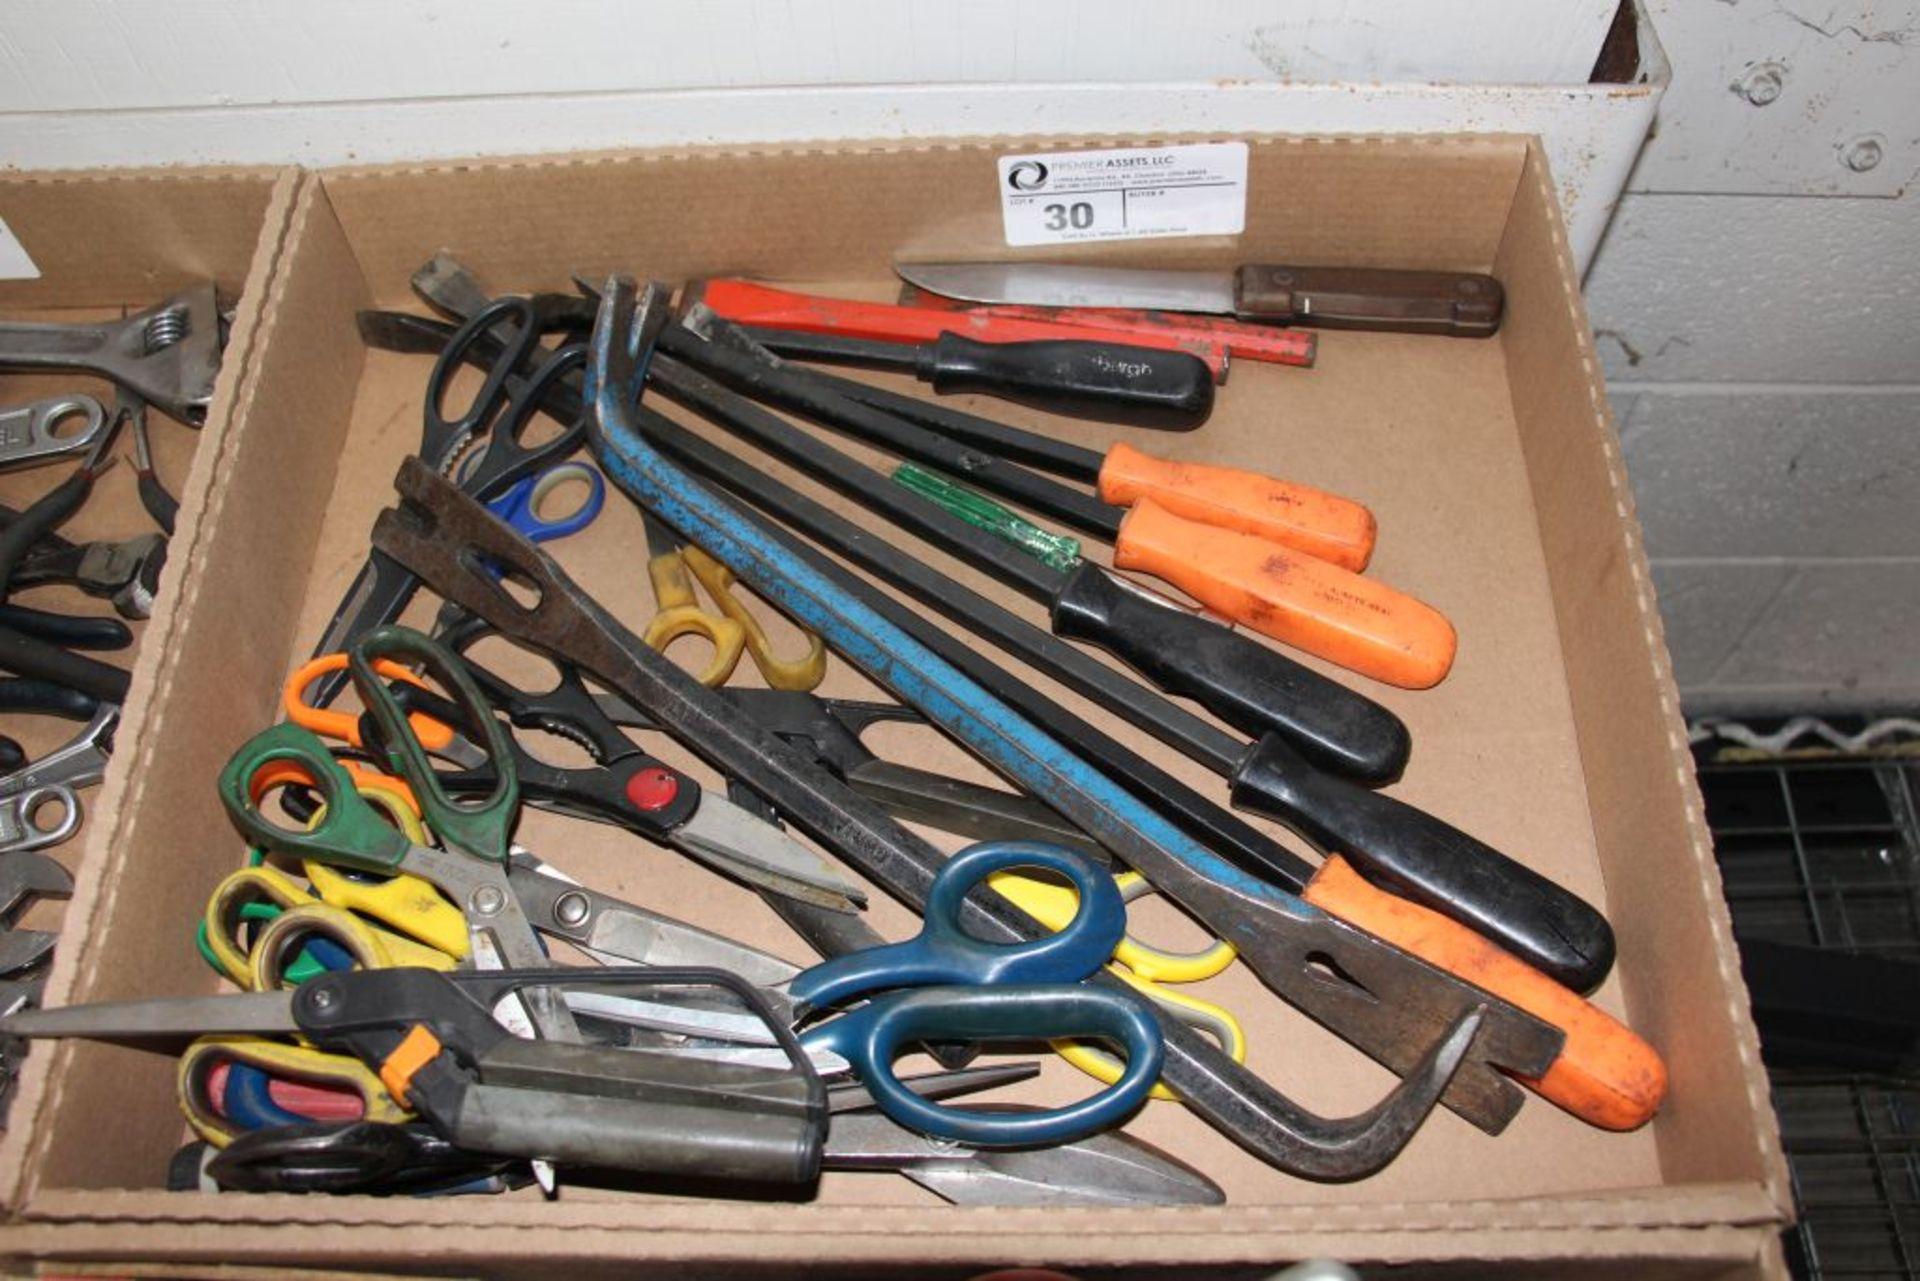 Lot 30 - assortment of scissors, crowbar & misc.